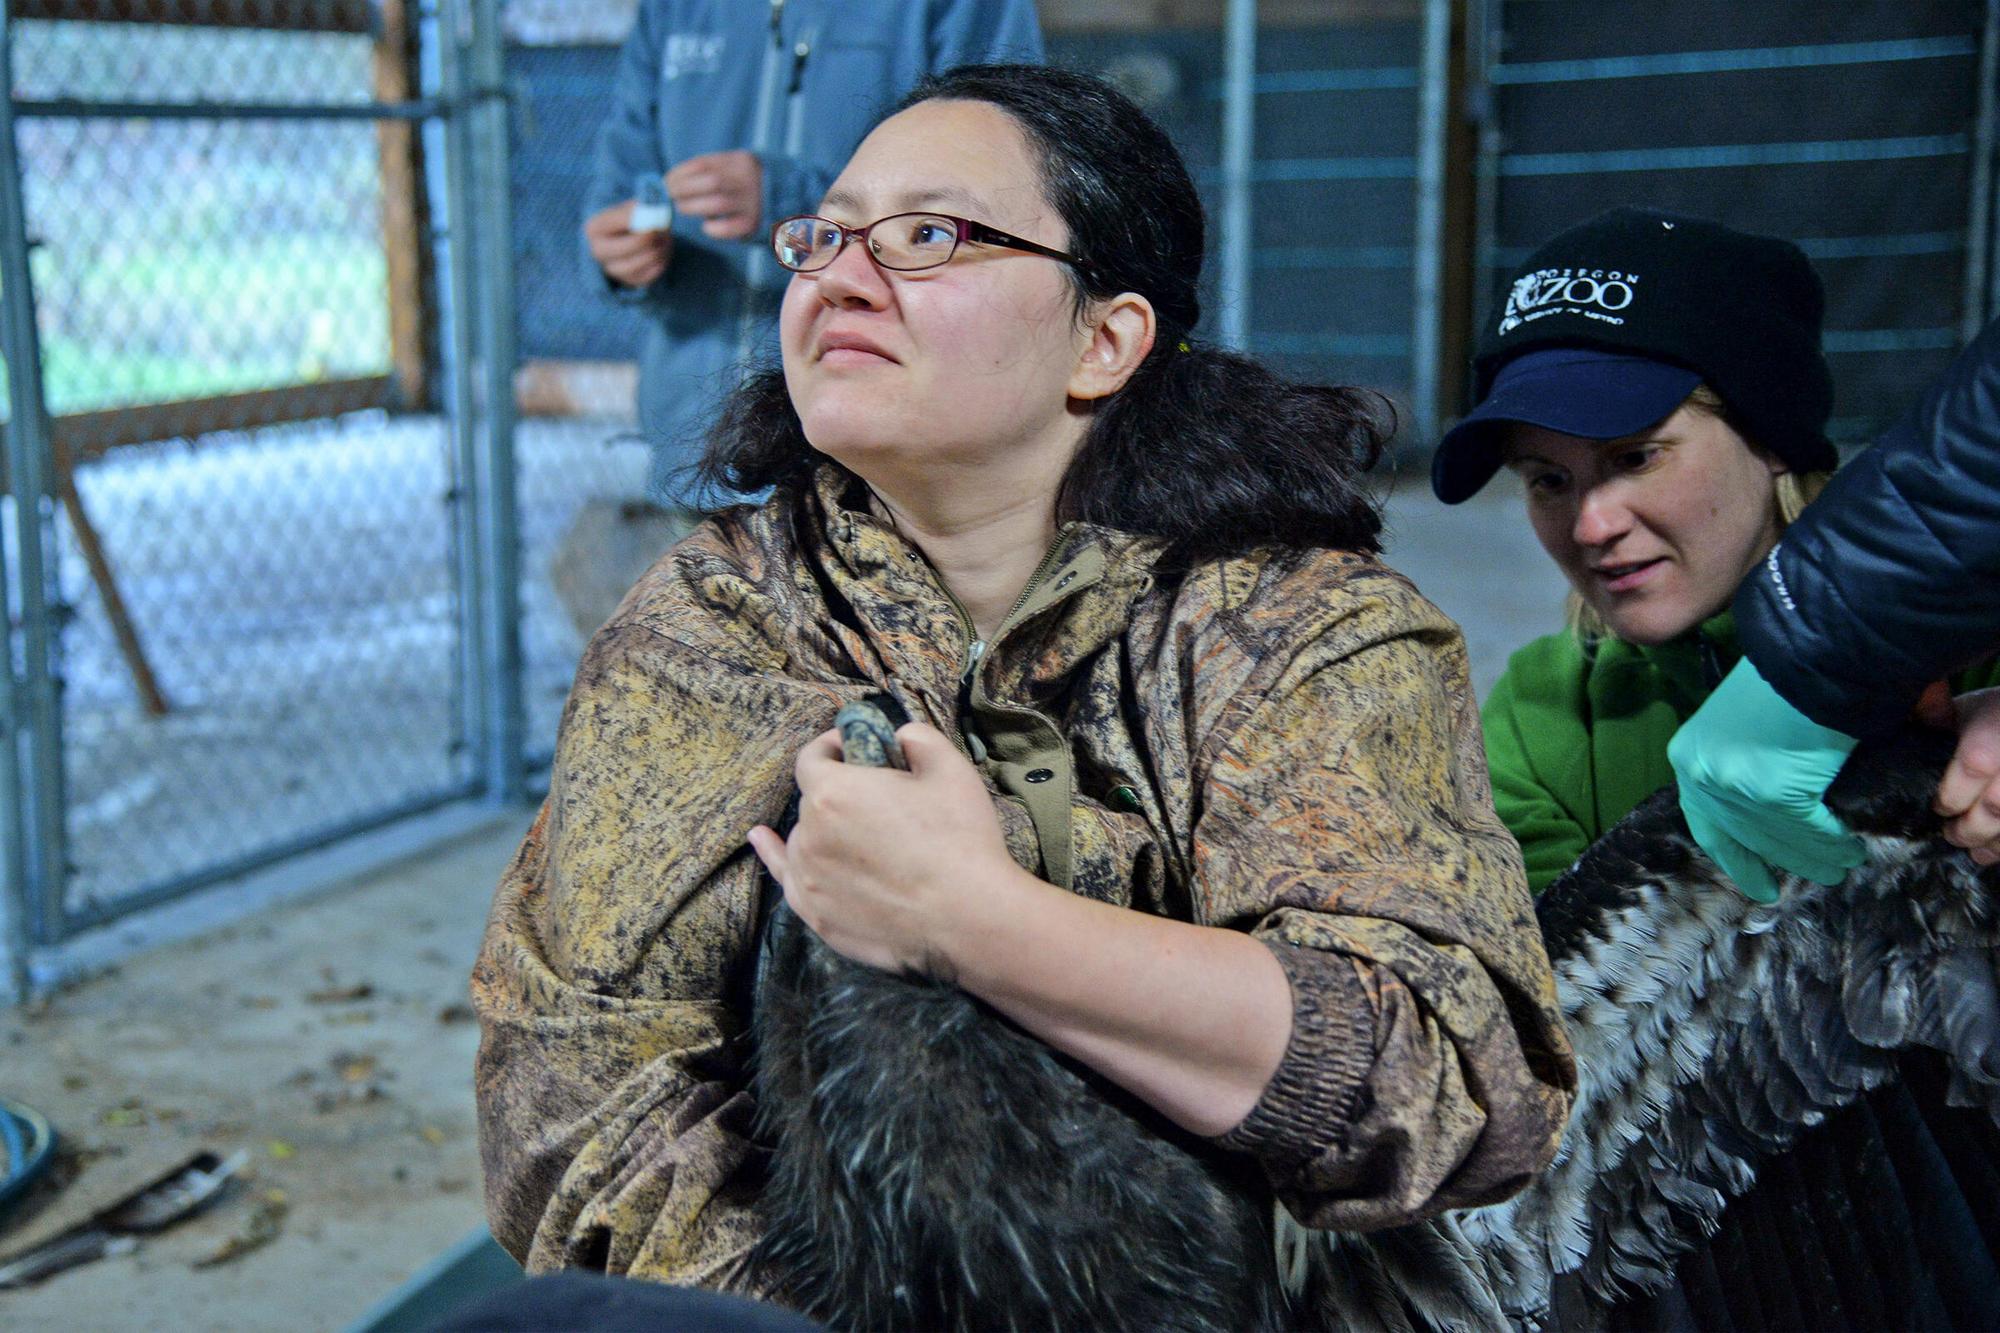 woman holding a condor